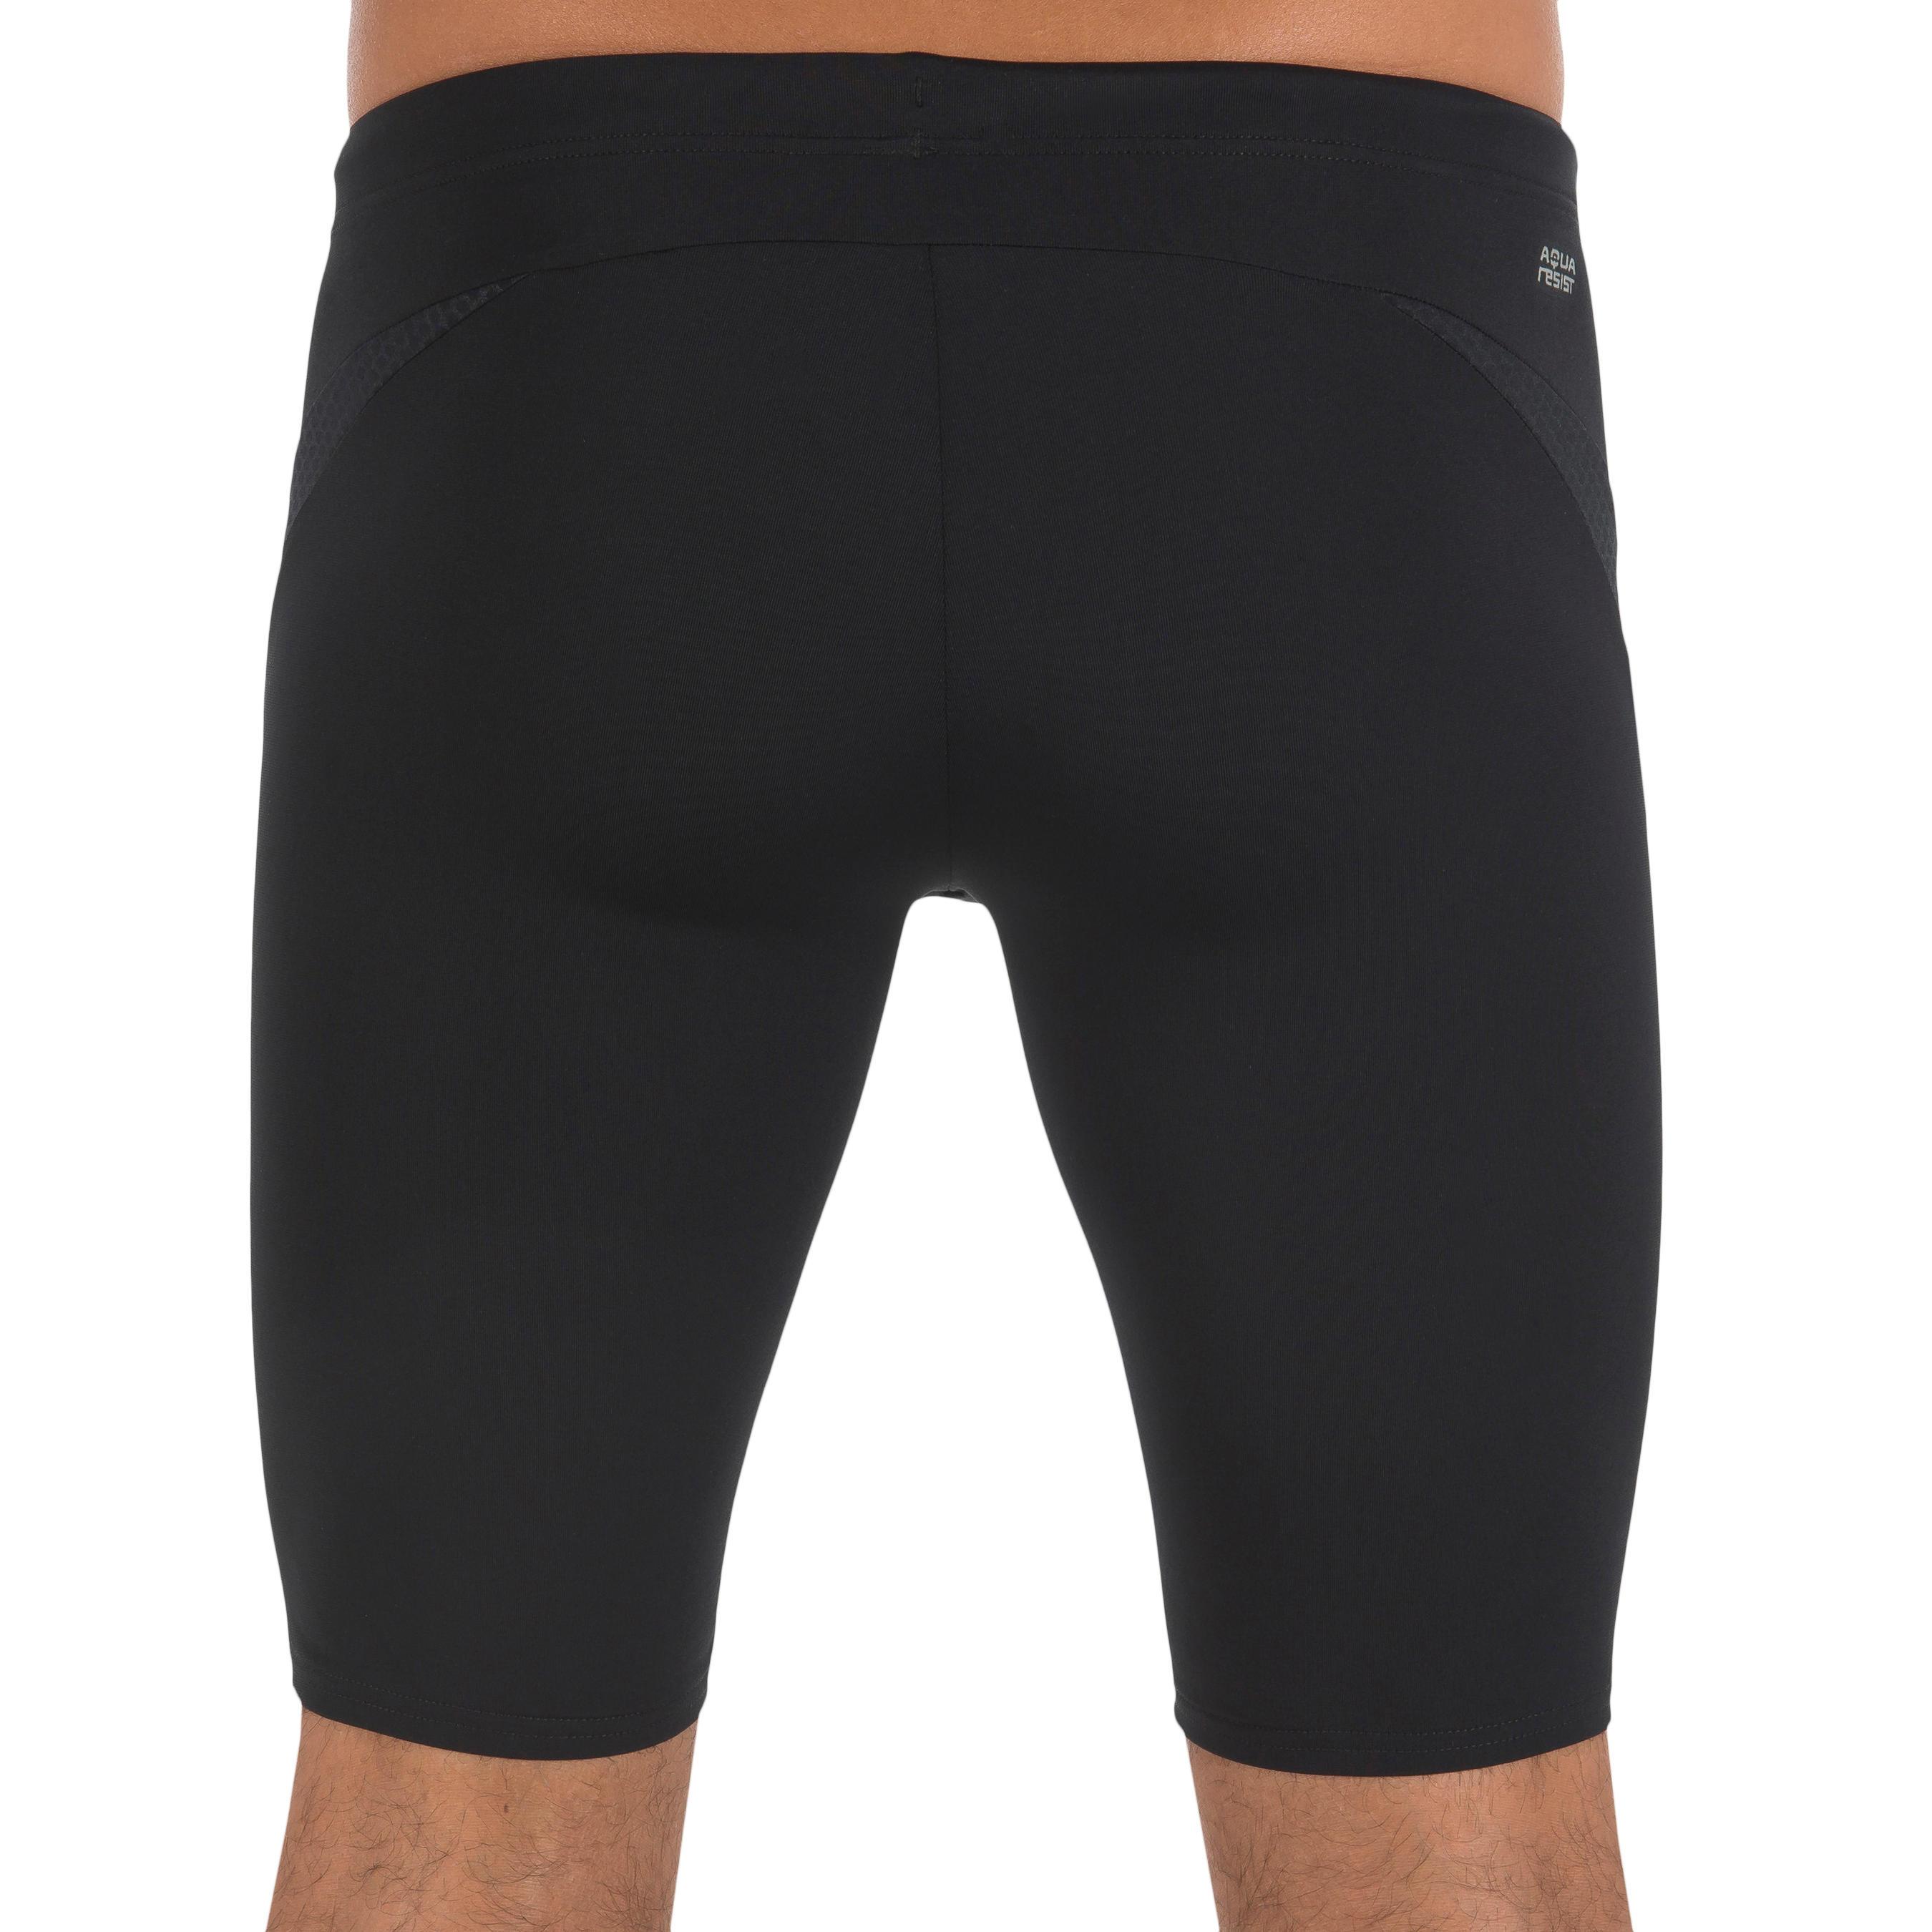 กางเกงว่ายน้ำทรงแจมเมอร์สำหรับผู้ชายรุ่น 900 FIRST (ลายจุดดำ)